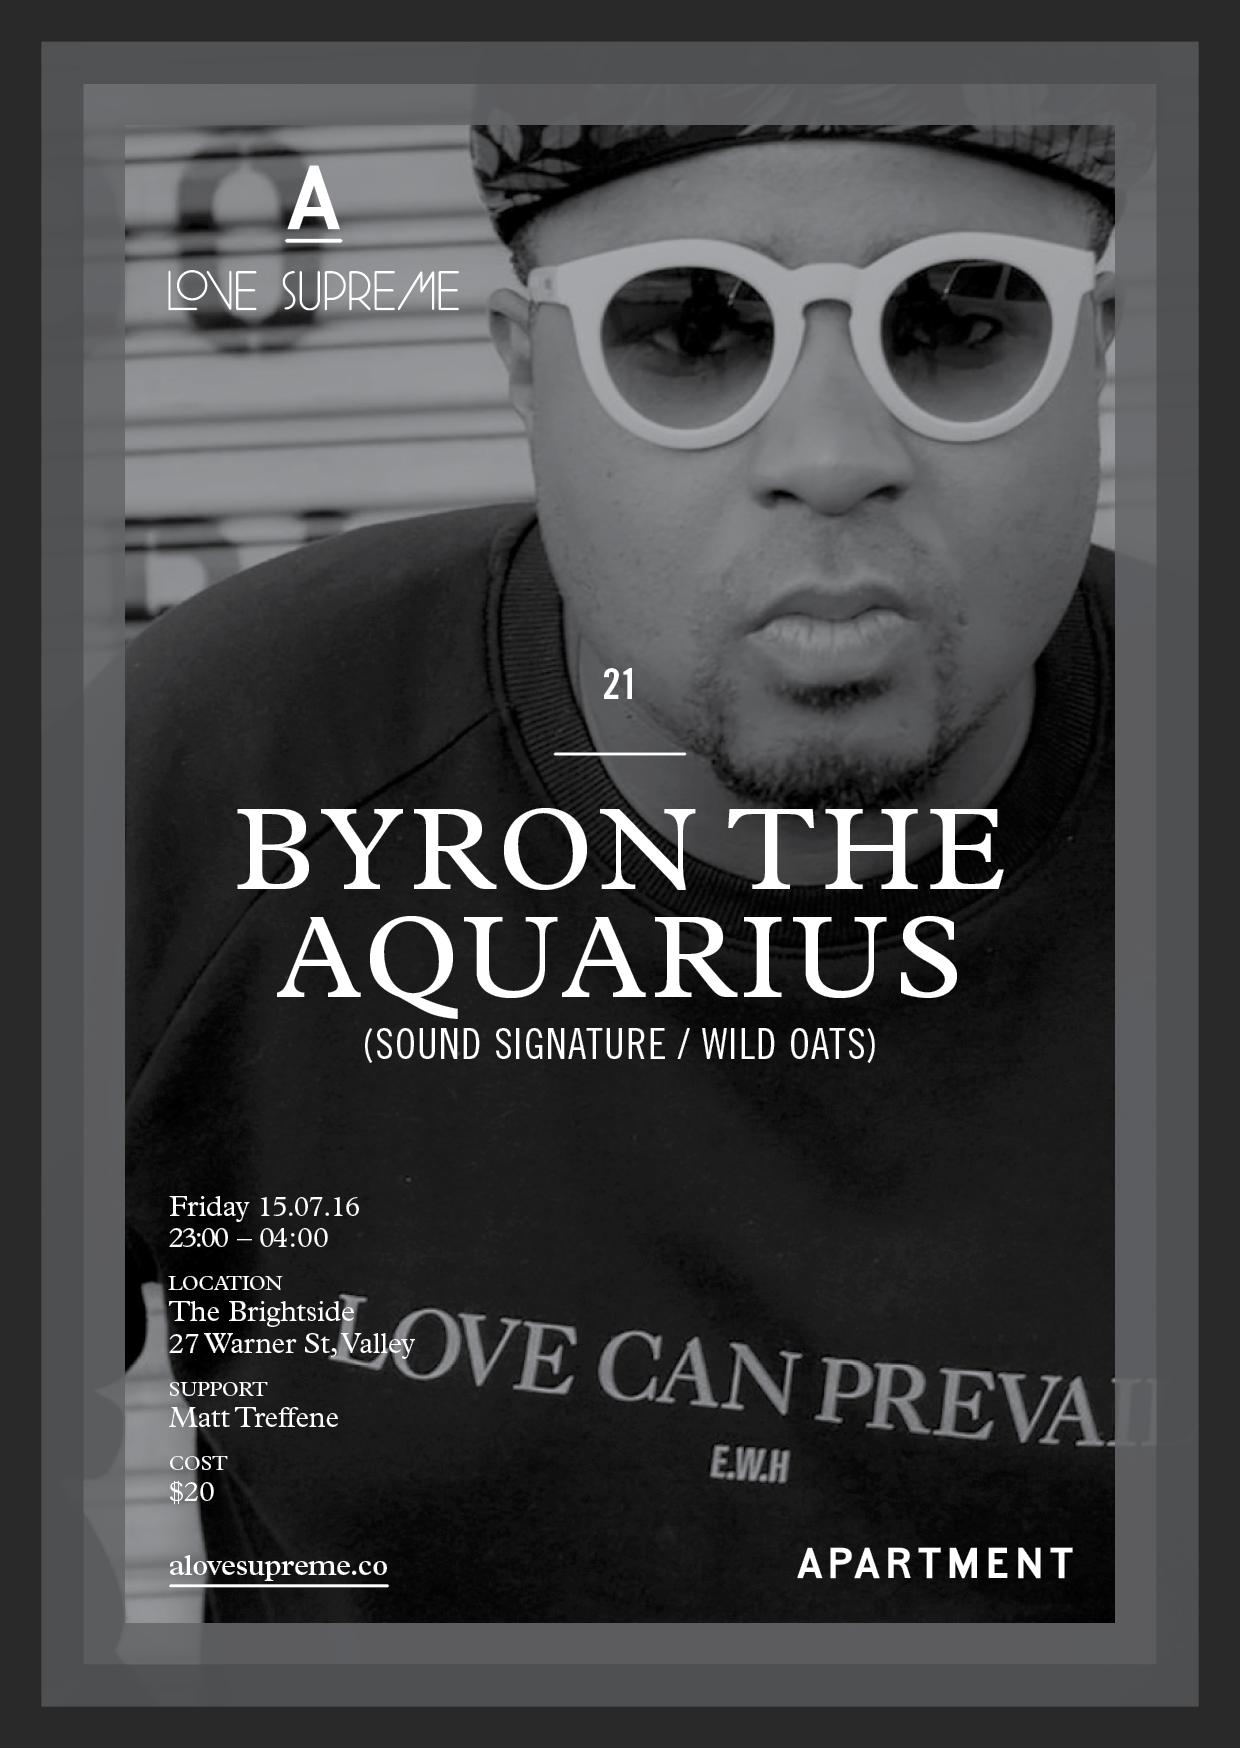 ALS-alovesupreme-21-byron-the-aquarius-postcard-press-.png